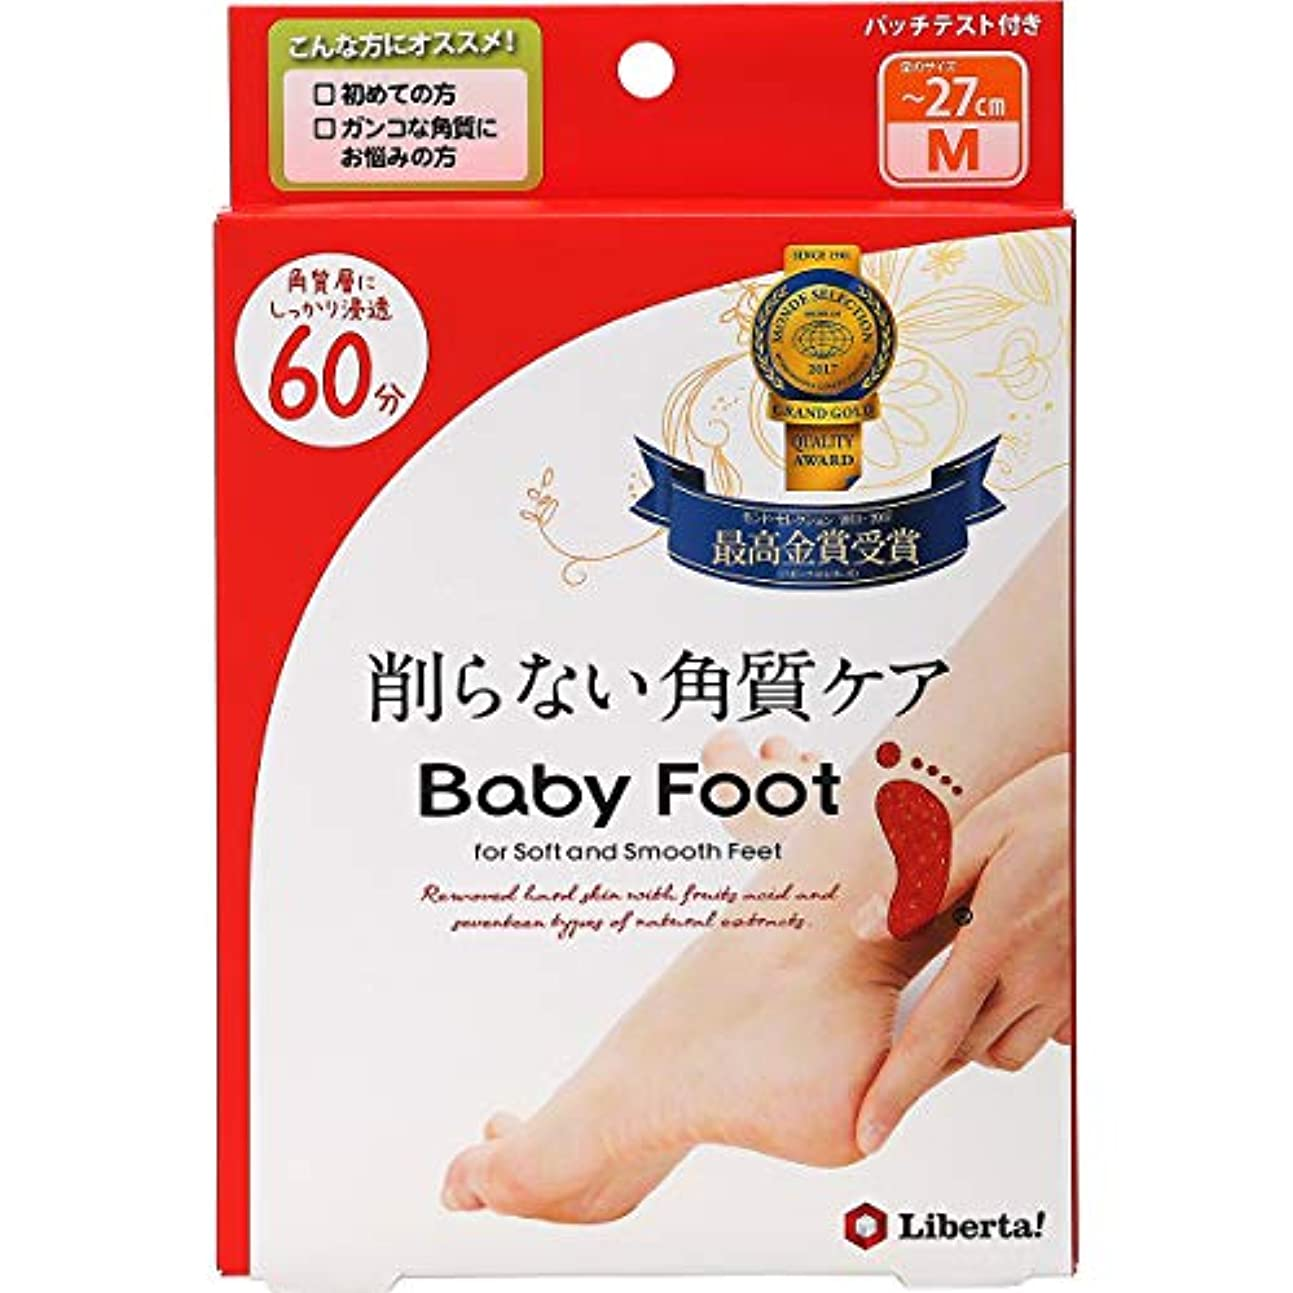 たらい告発者会計士ベビーフット (Baby Foot) ベビーフット イージーパック SPT60分タイプ Mサイズ 単品